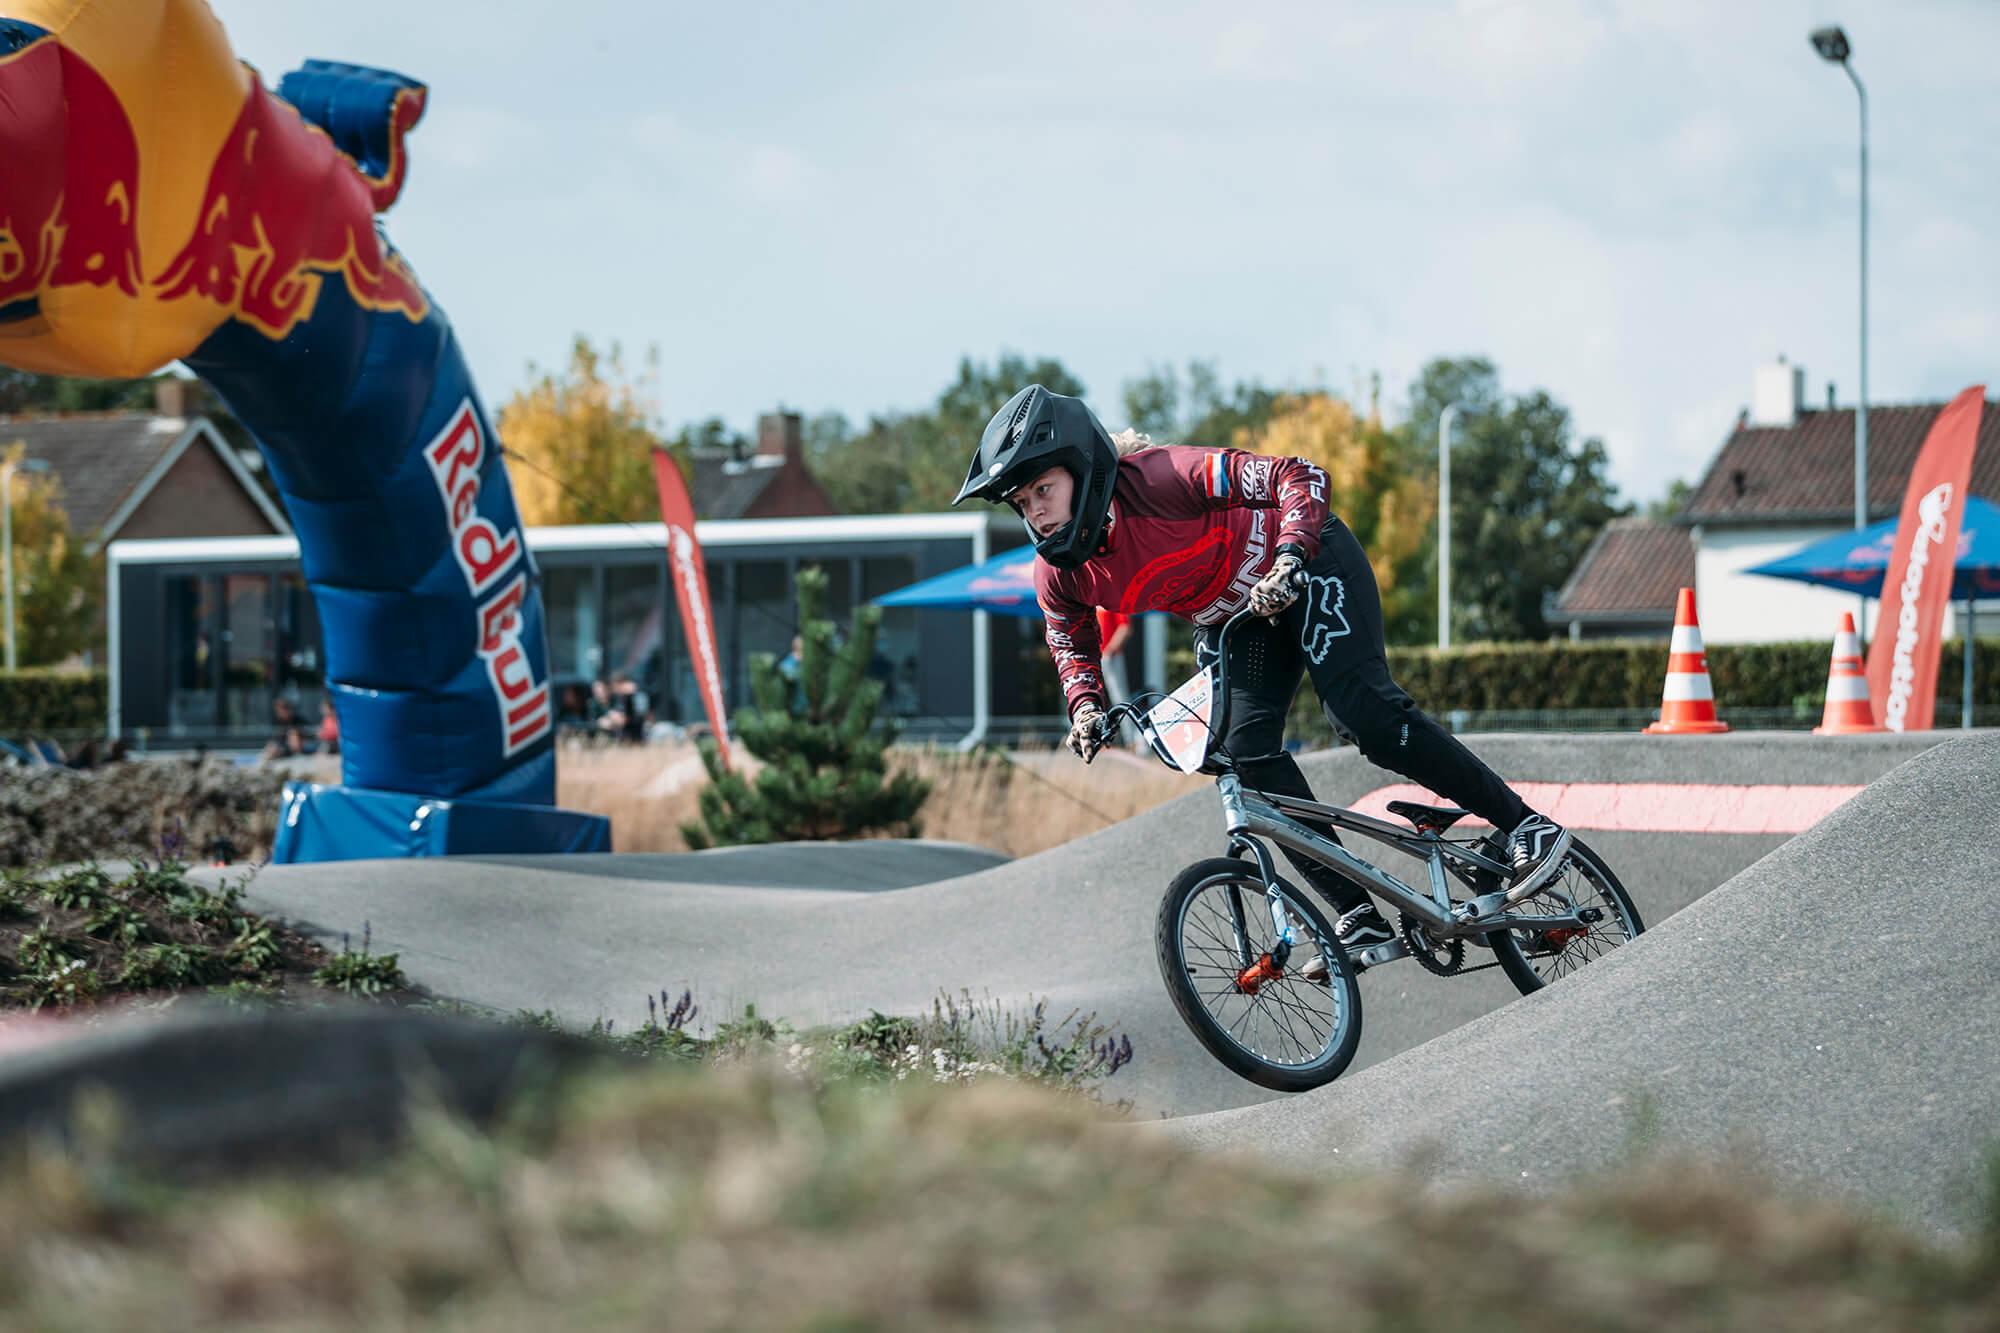 Red Bull Pump Track Roosendaal - Ydwer van der Heide -0992